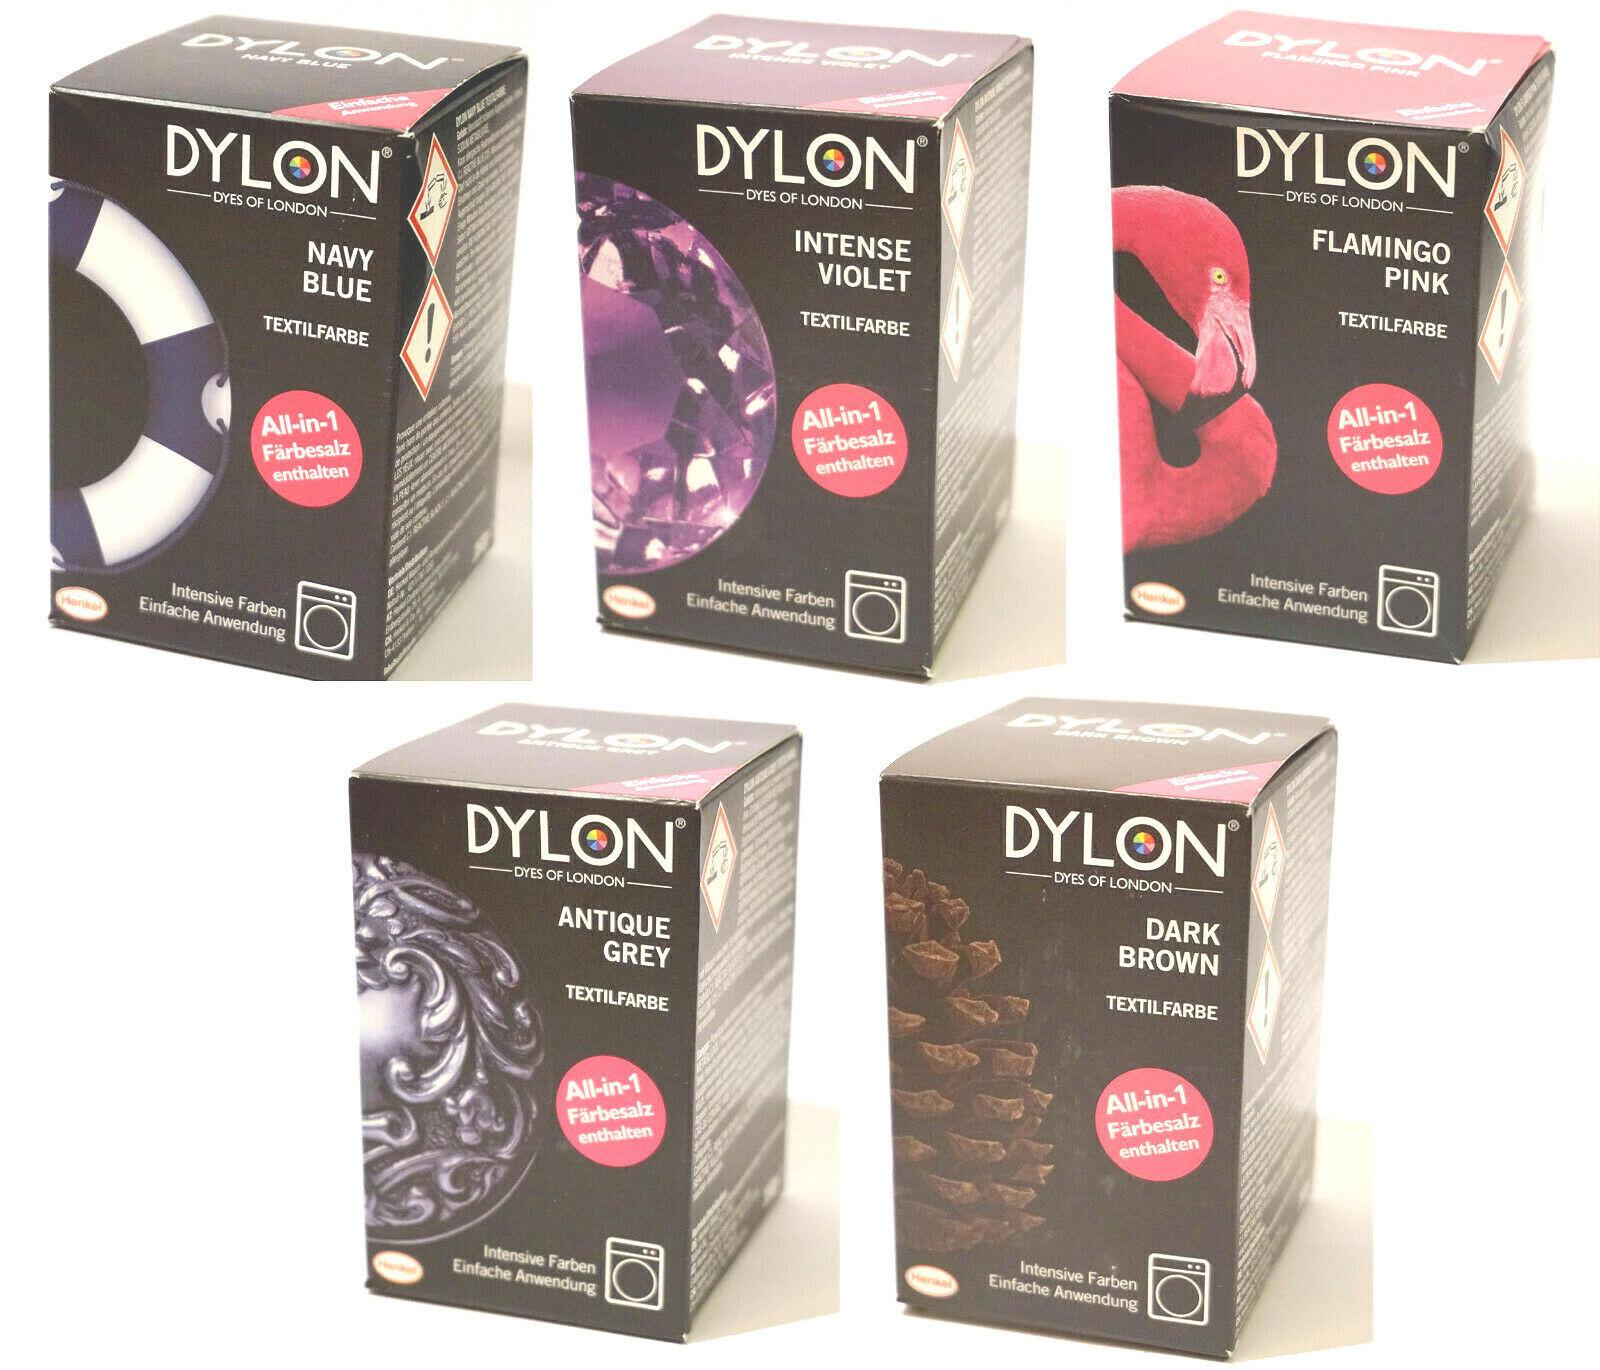 DYLON Textilfarbe Allin1 mit Färbesalz NEUWARE Pink Blue Brown Grey Violet DIY